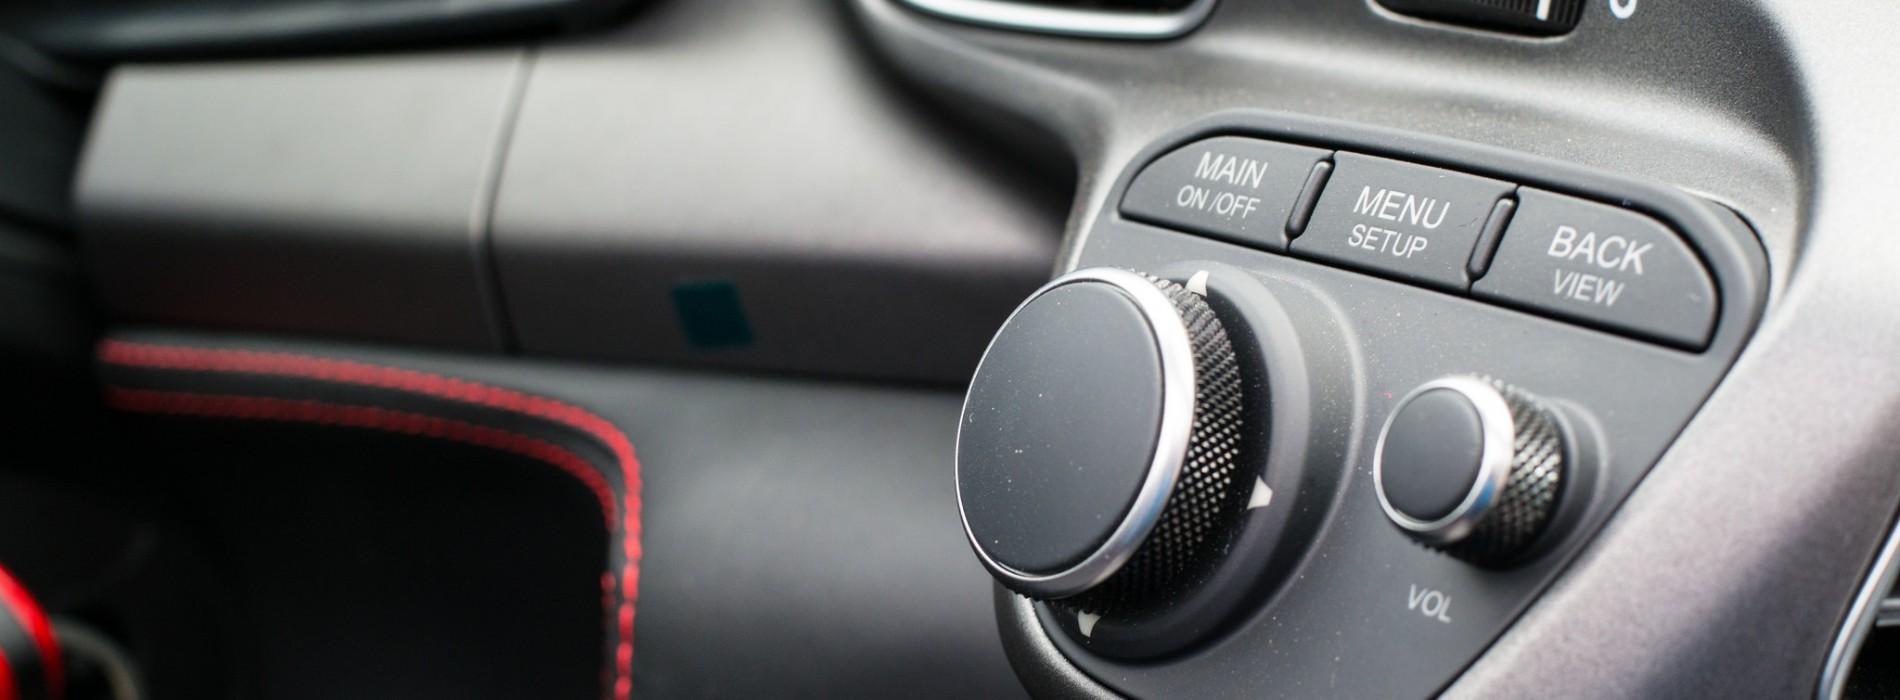 Wypożyczanie z głową. Jak rozsądnie korzystać z wypożyczalni aut?